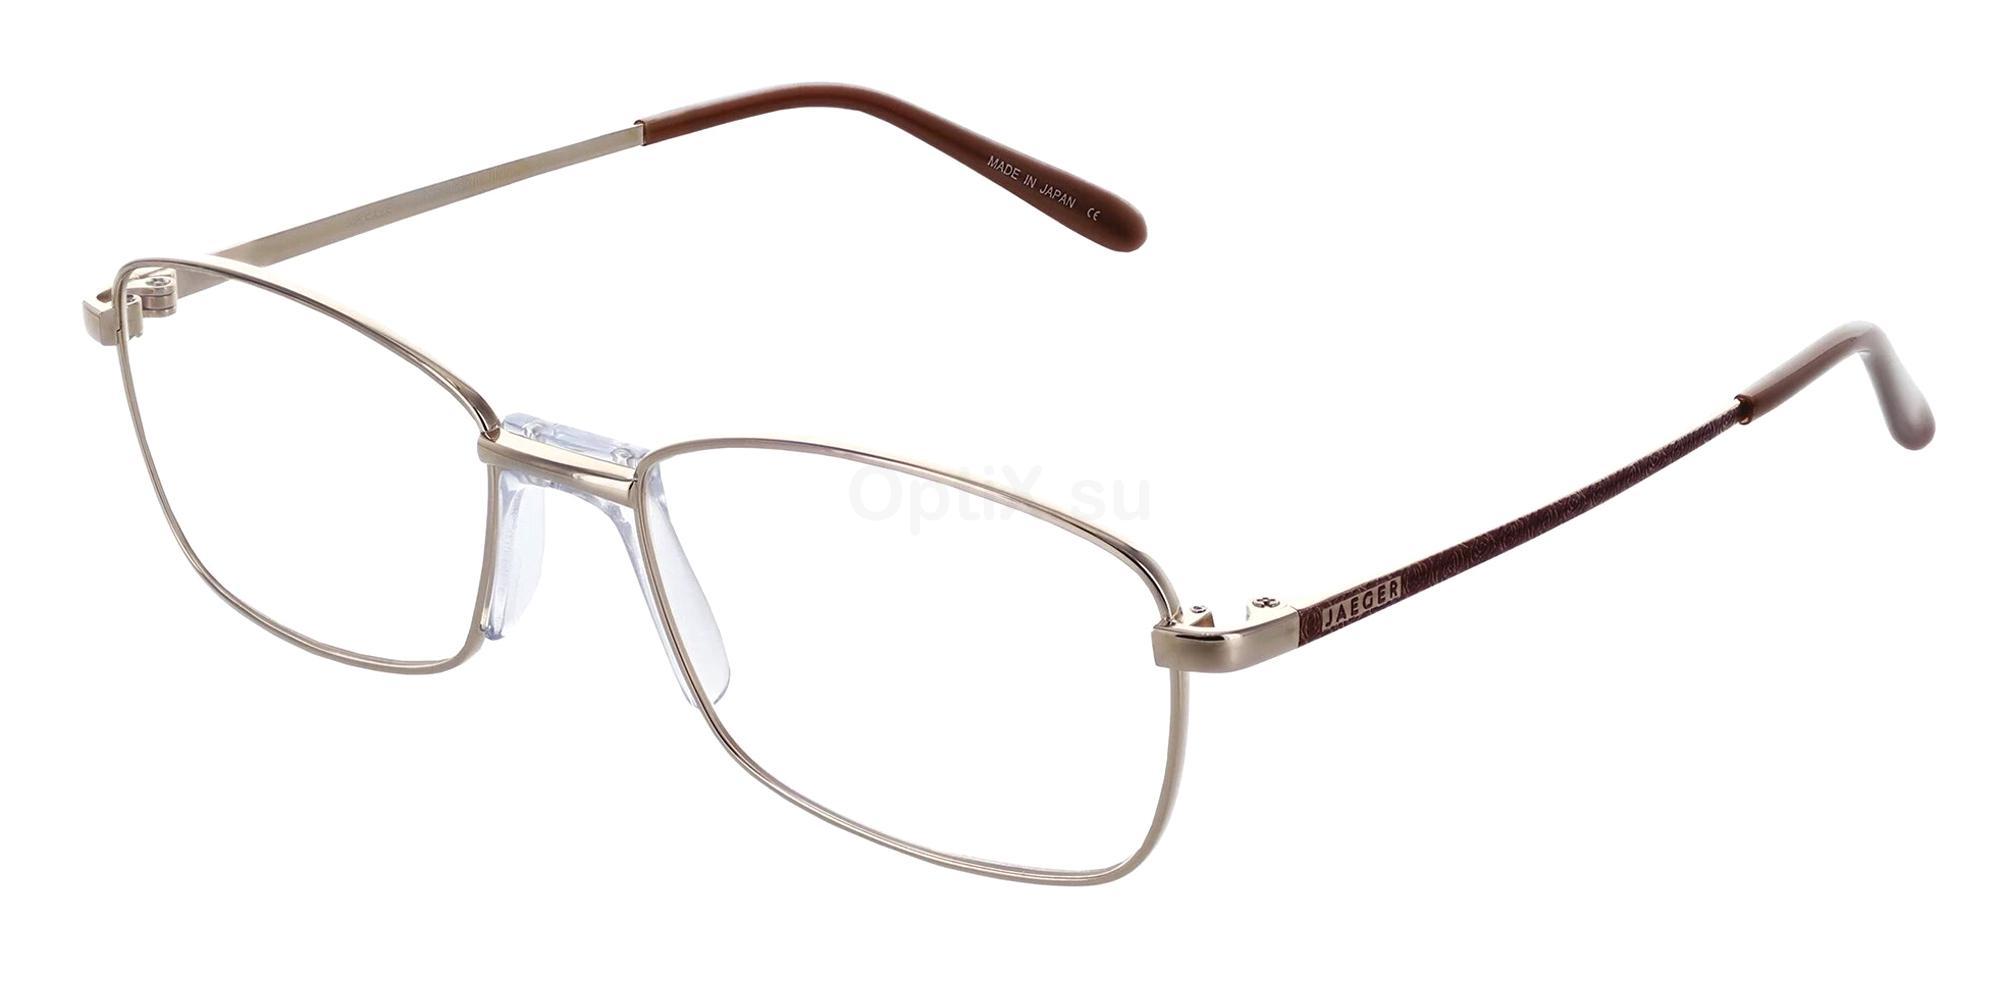 C10 325 Glasses, Jaeger Pure Titanium